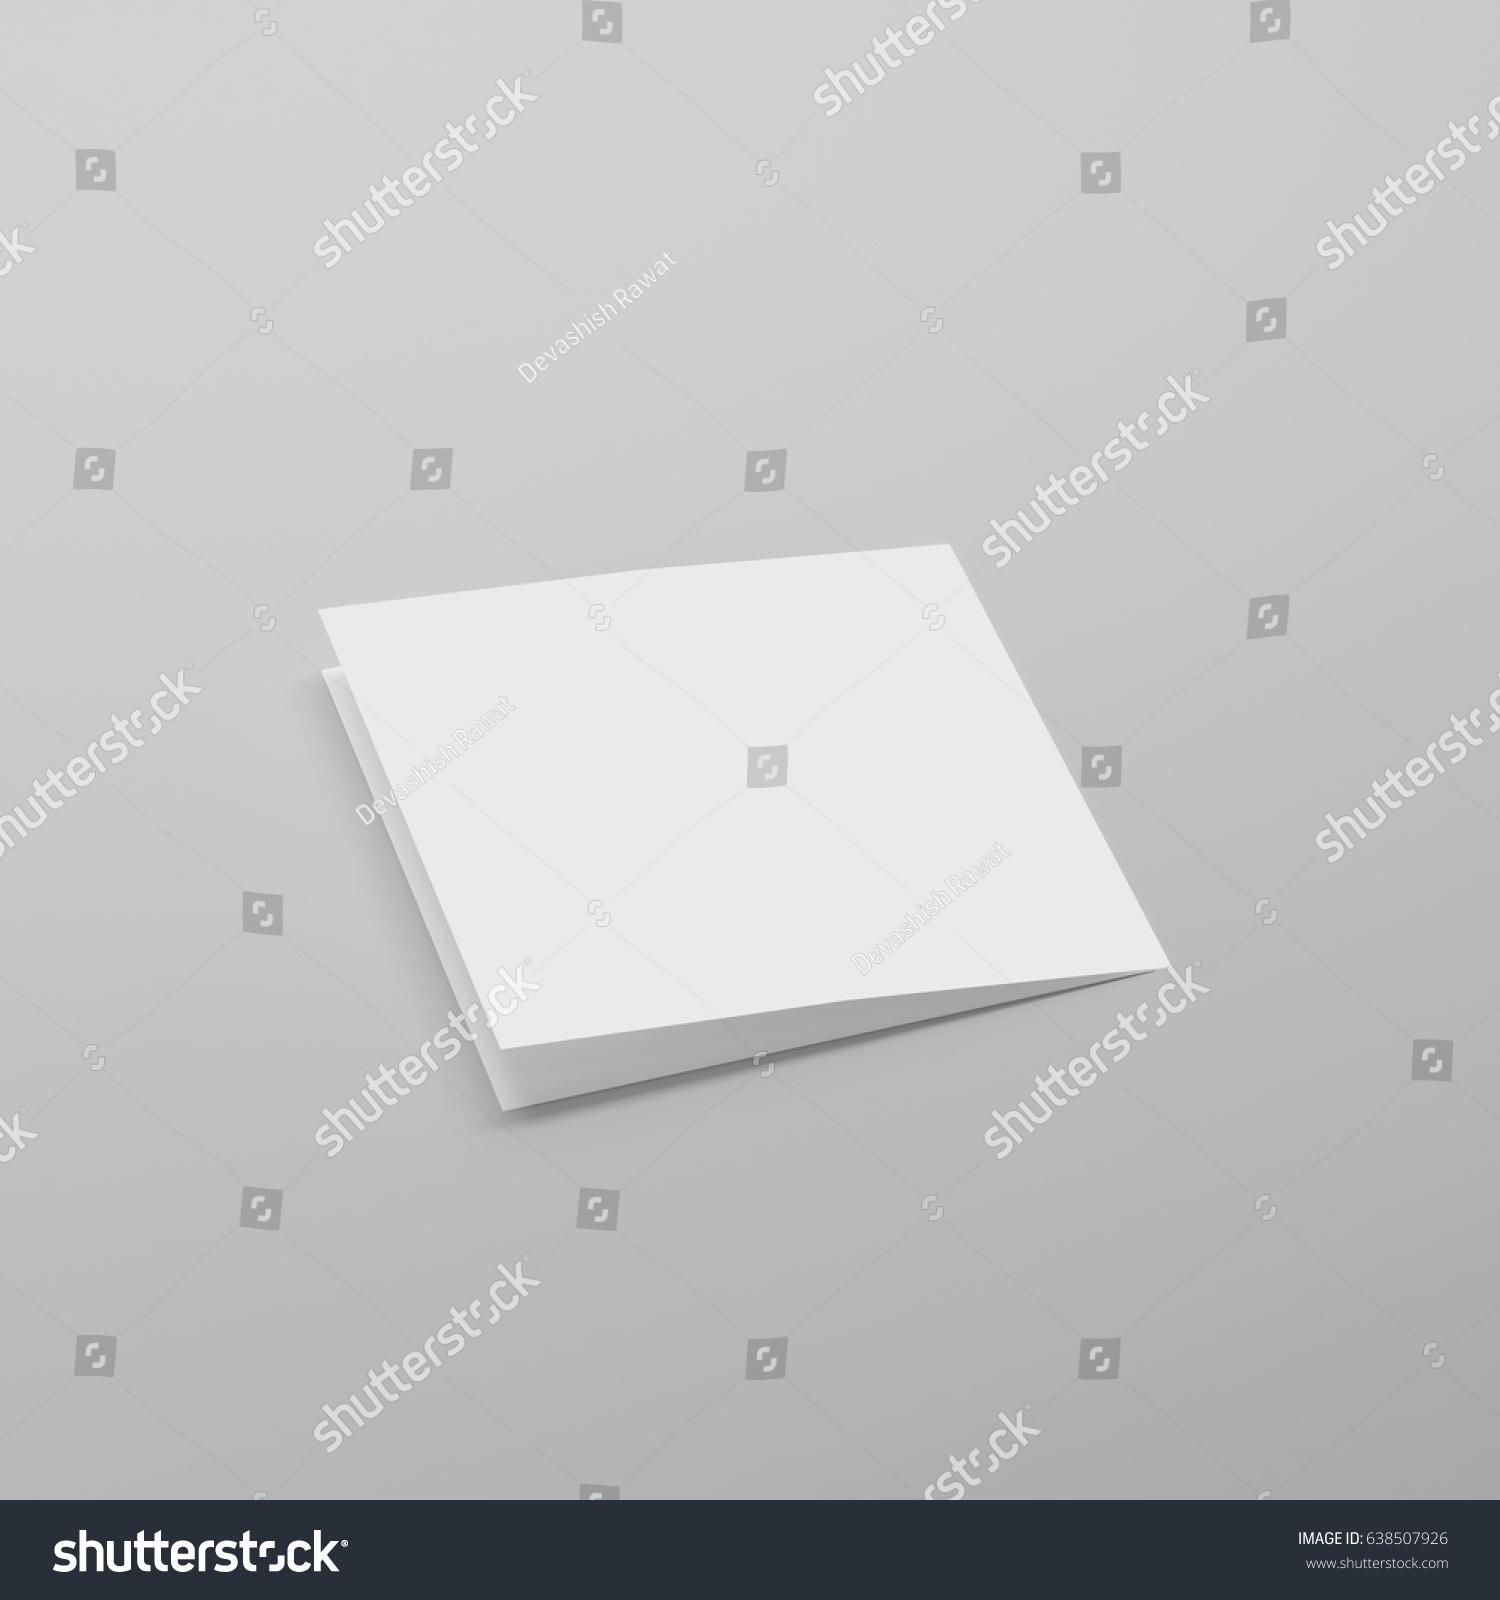 Blank Bi Fold Square Brochure / Leaflet / Pamphlet / Greeting Card Mock Up  Blank Pamphlet Template